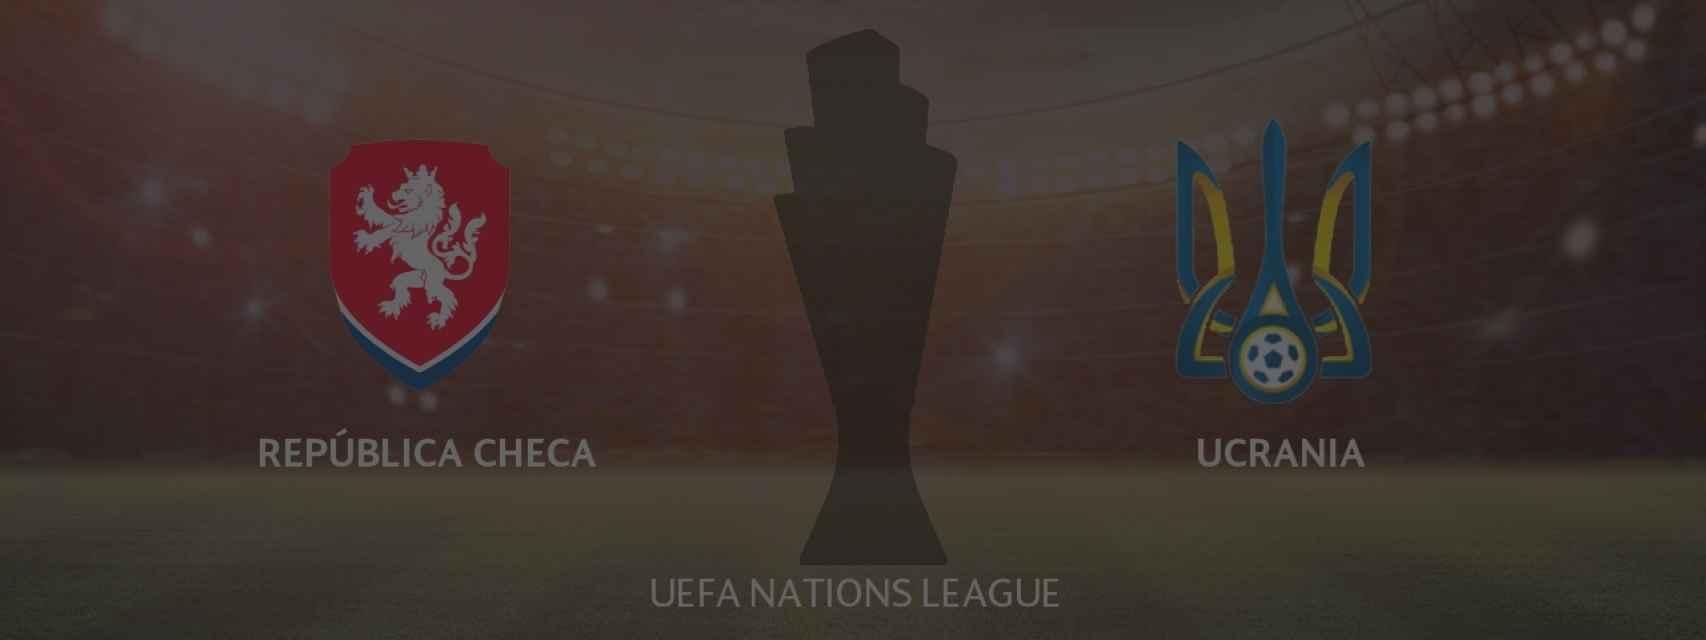 República Checa - Ucrania, UEFA Nations League